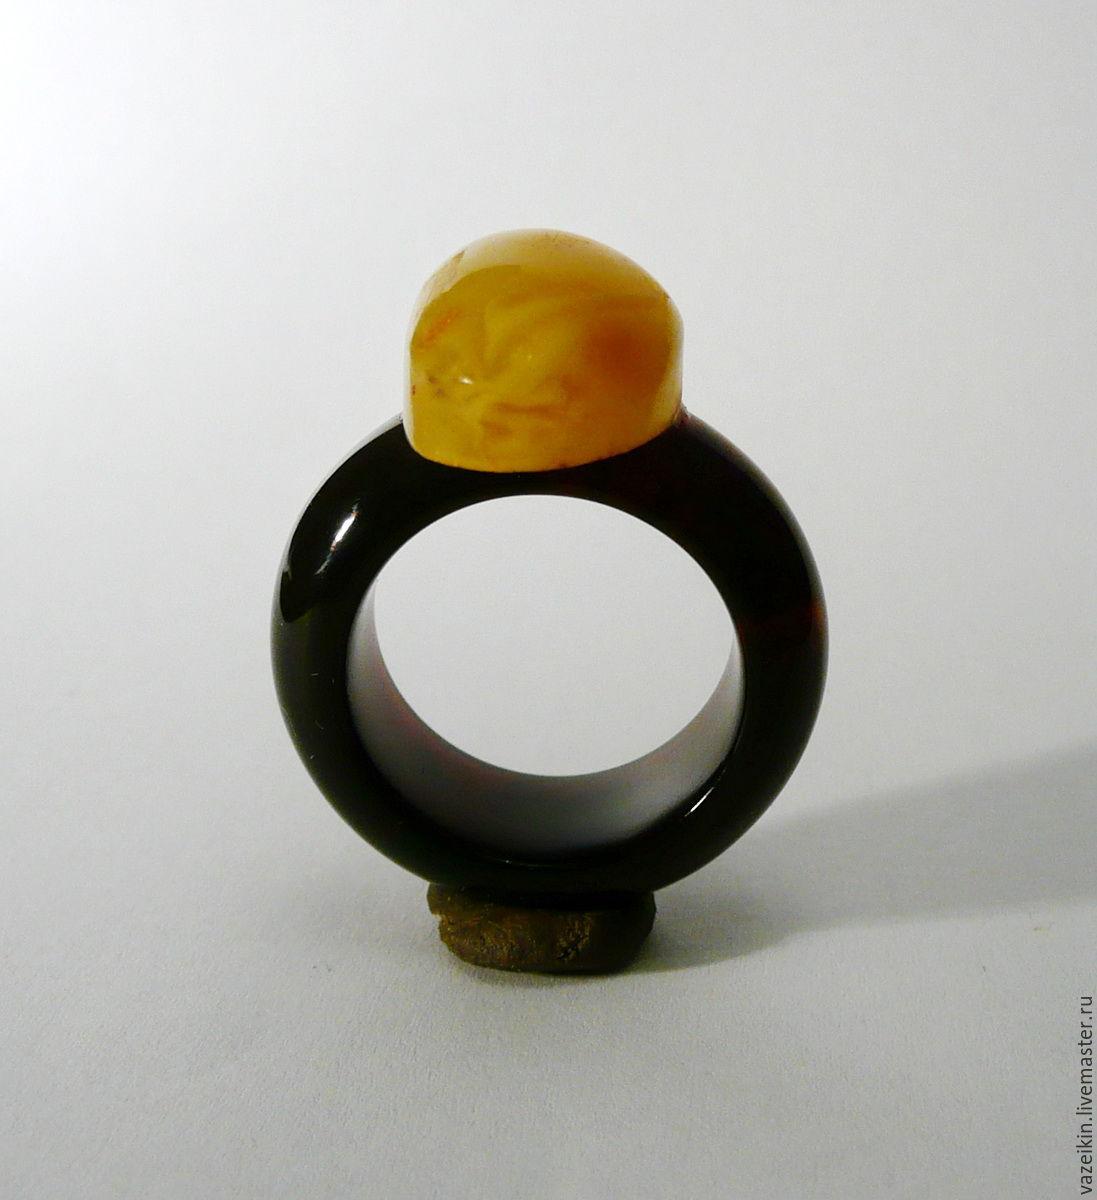 Кольца ручной работы. Ярмарка Мастеров - ручная работа. Купить Кольцо из янтаря. размер 18.5-19. Handmade. Желтый